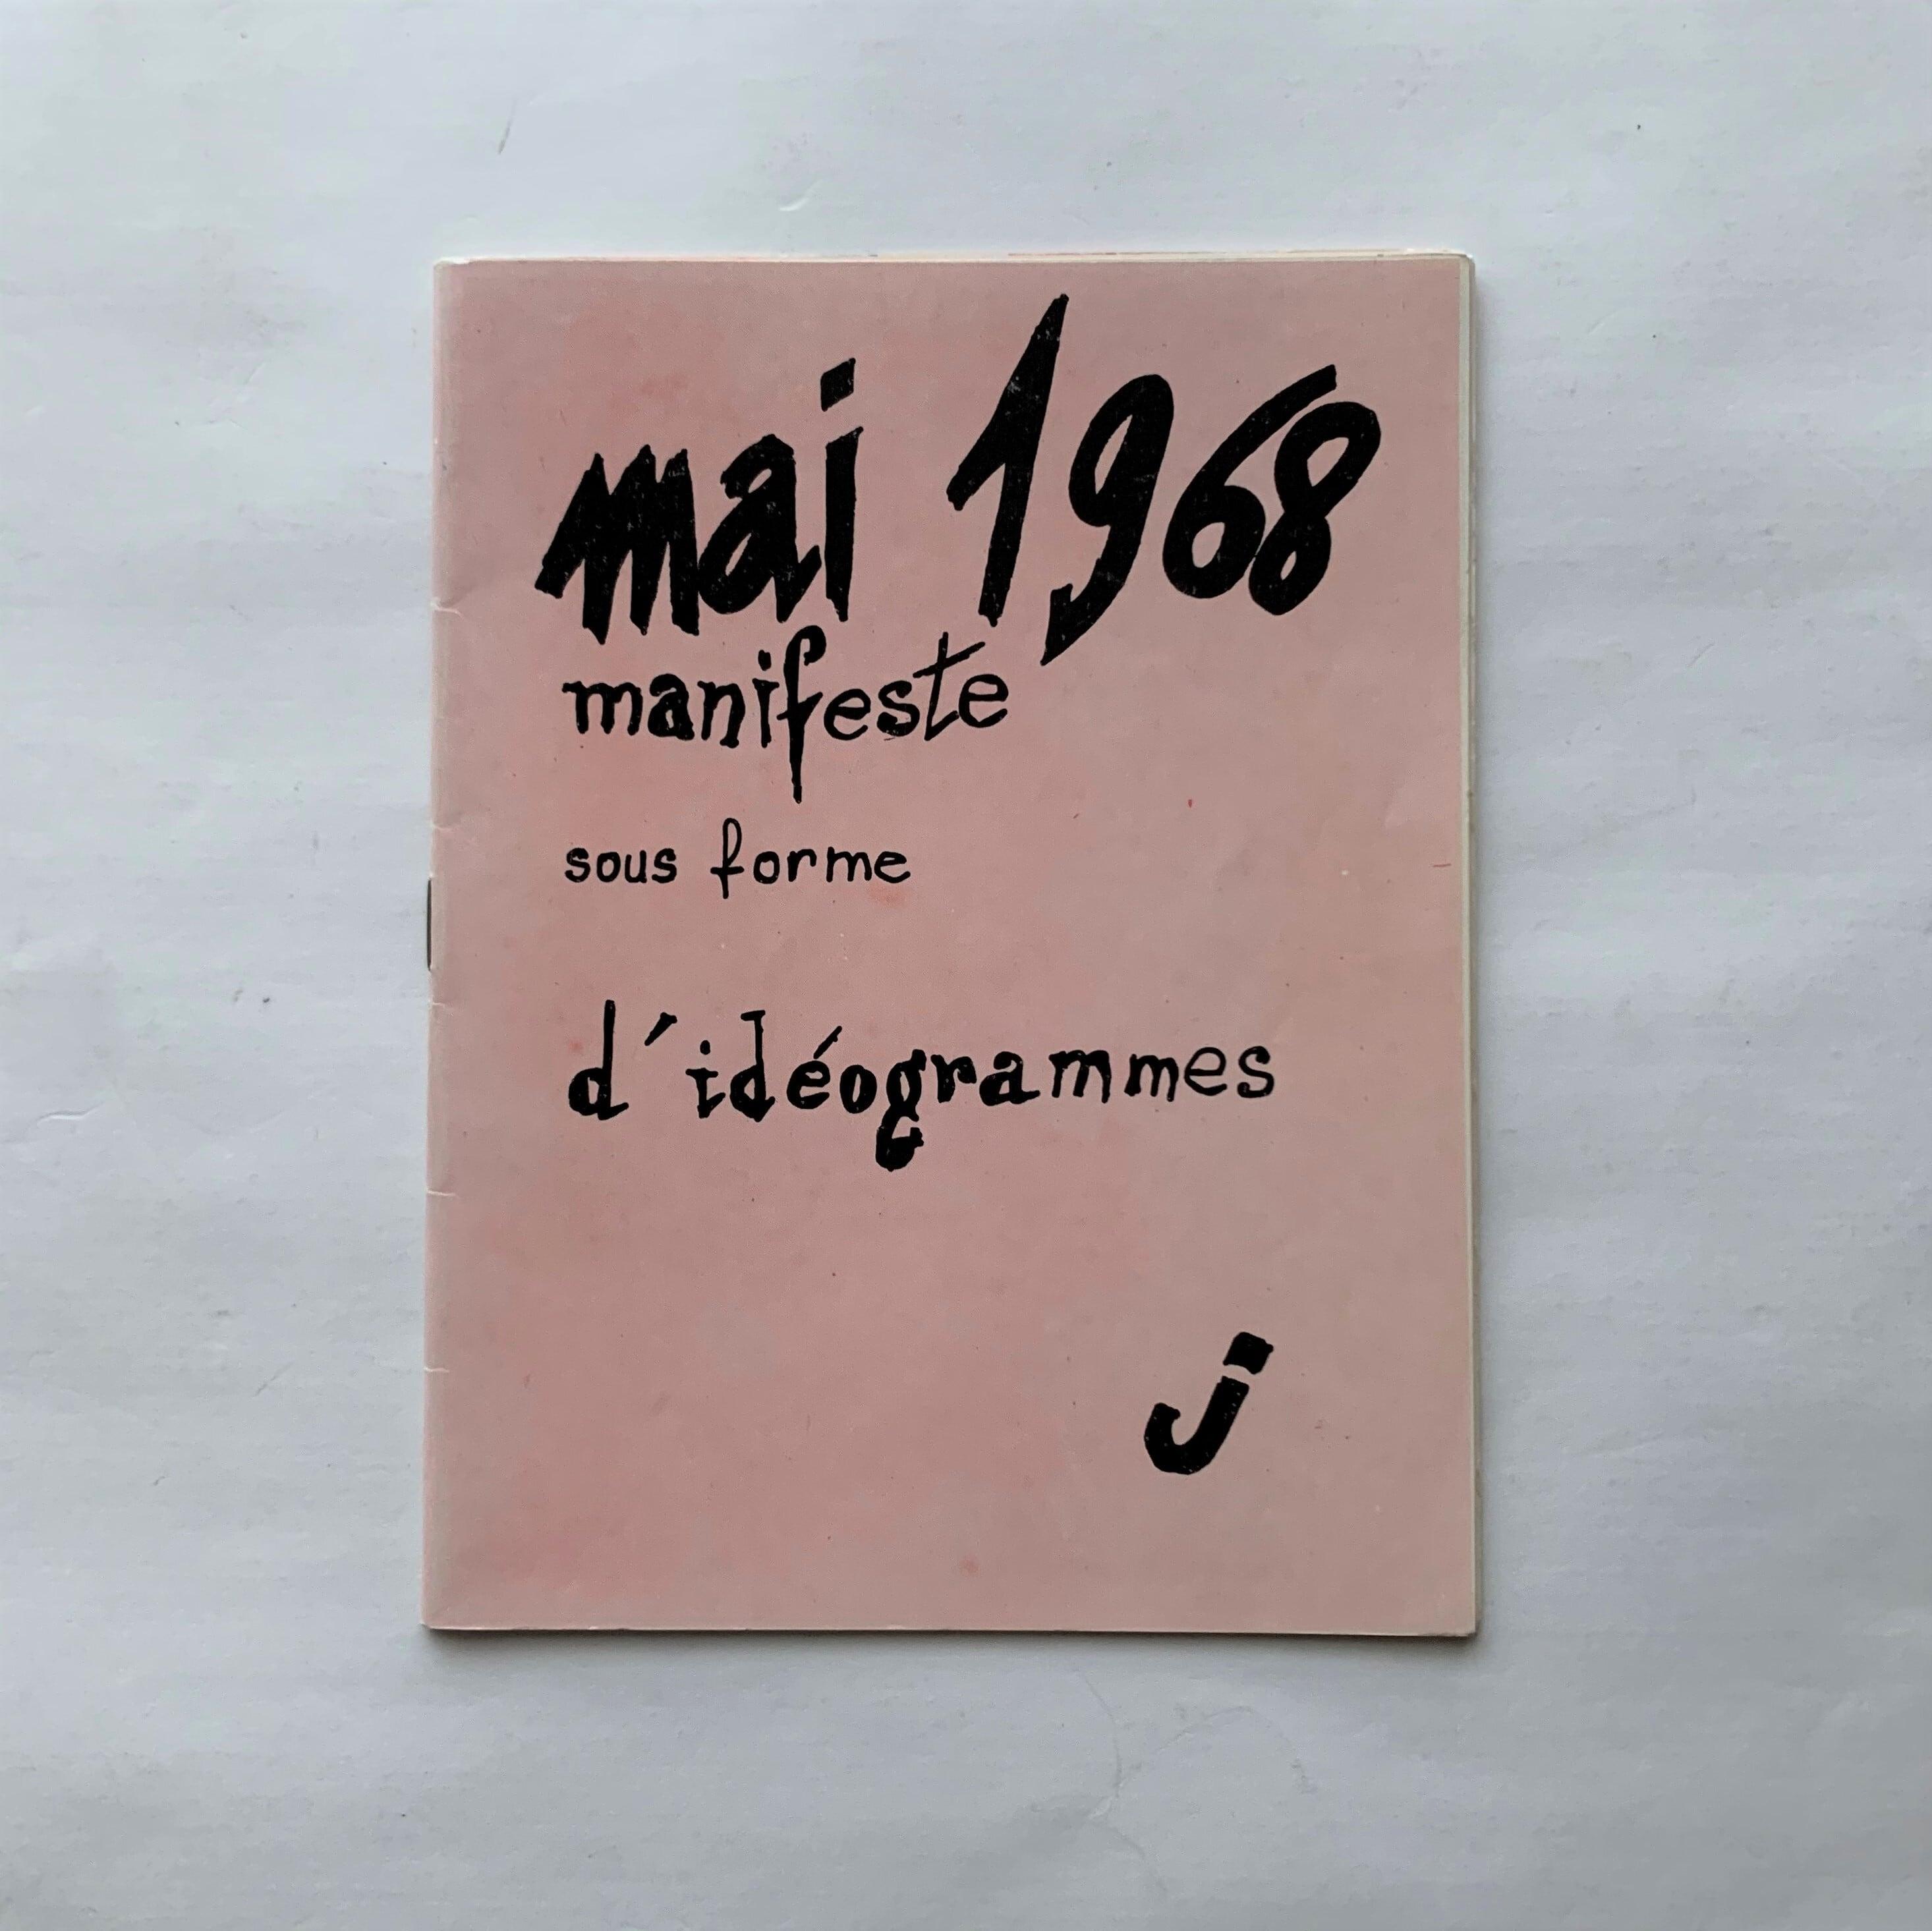 Mai 1968: manifeste sous forme d'idéogrammes  /   Julien Blaine  / ジュリアン・ブレイン